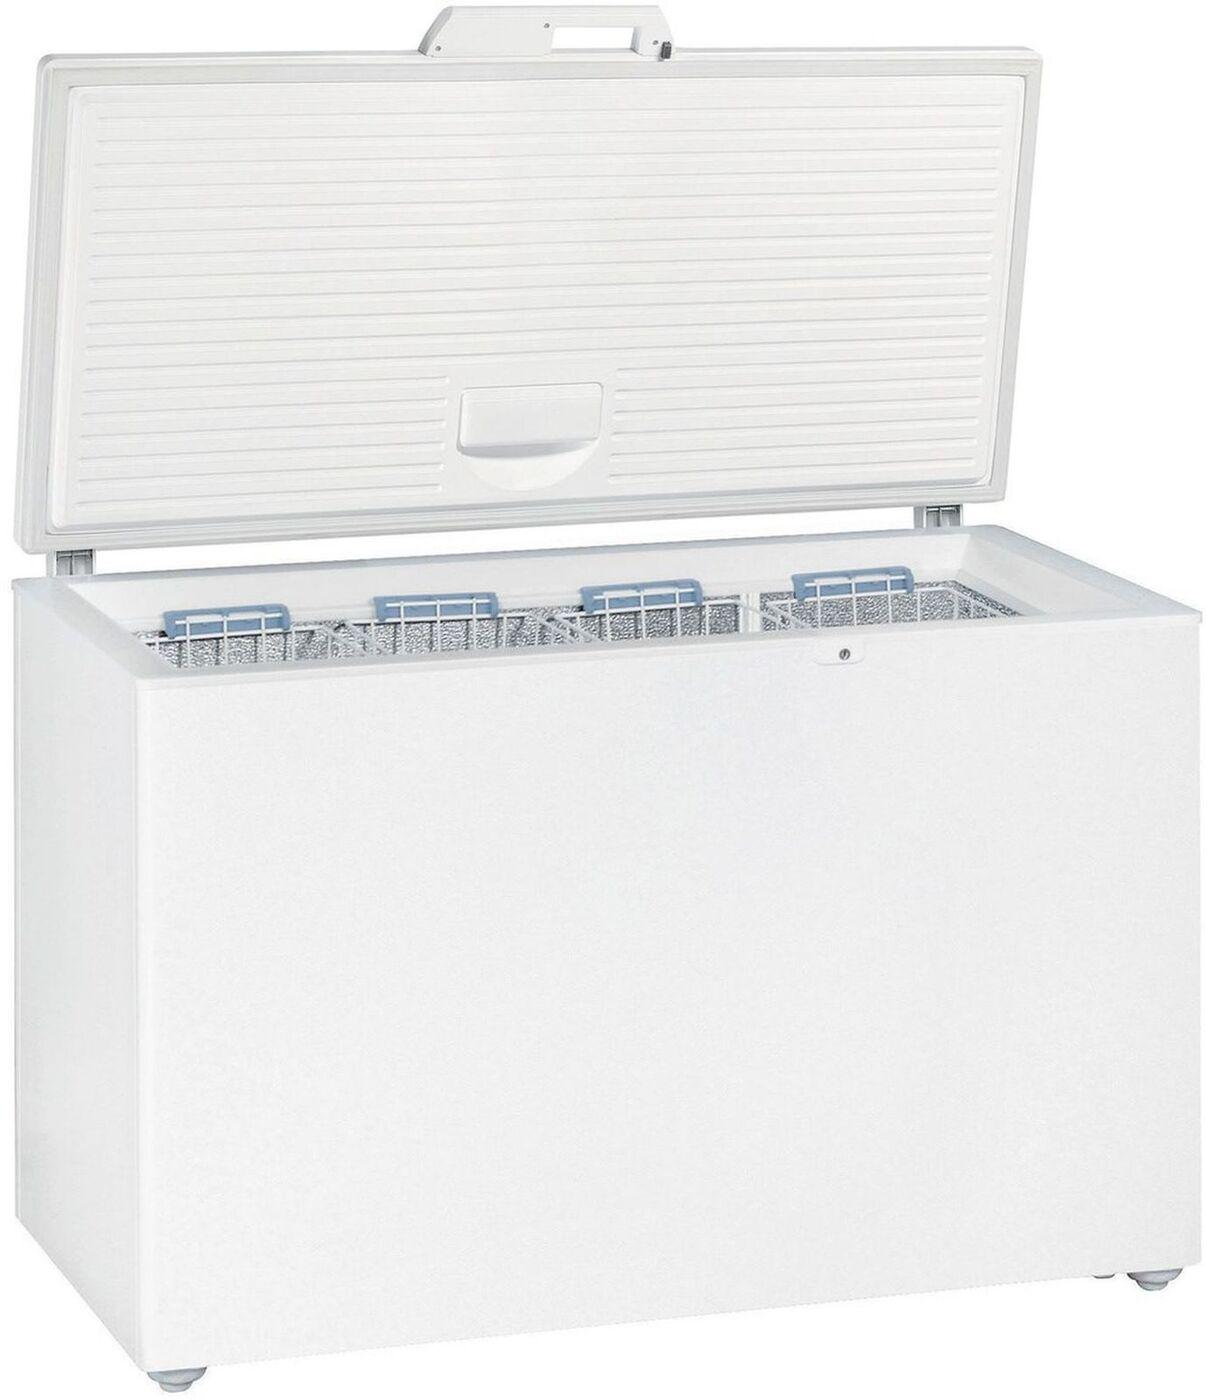 Морозильный ларь LIEBHERR GTP 3126-27 001